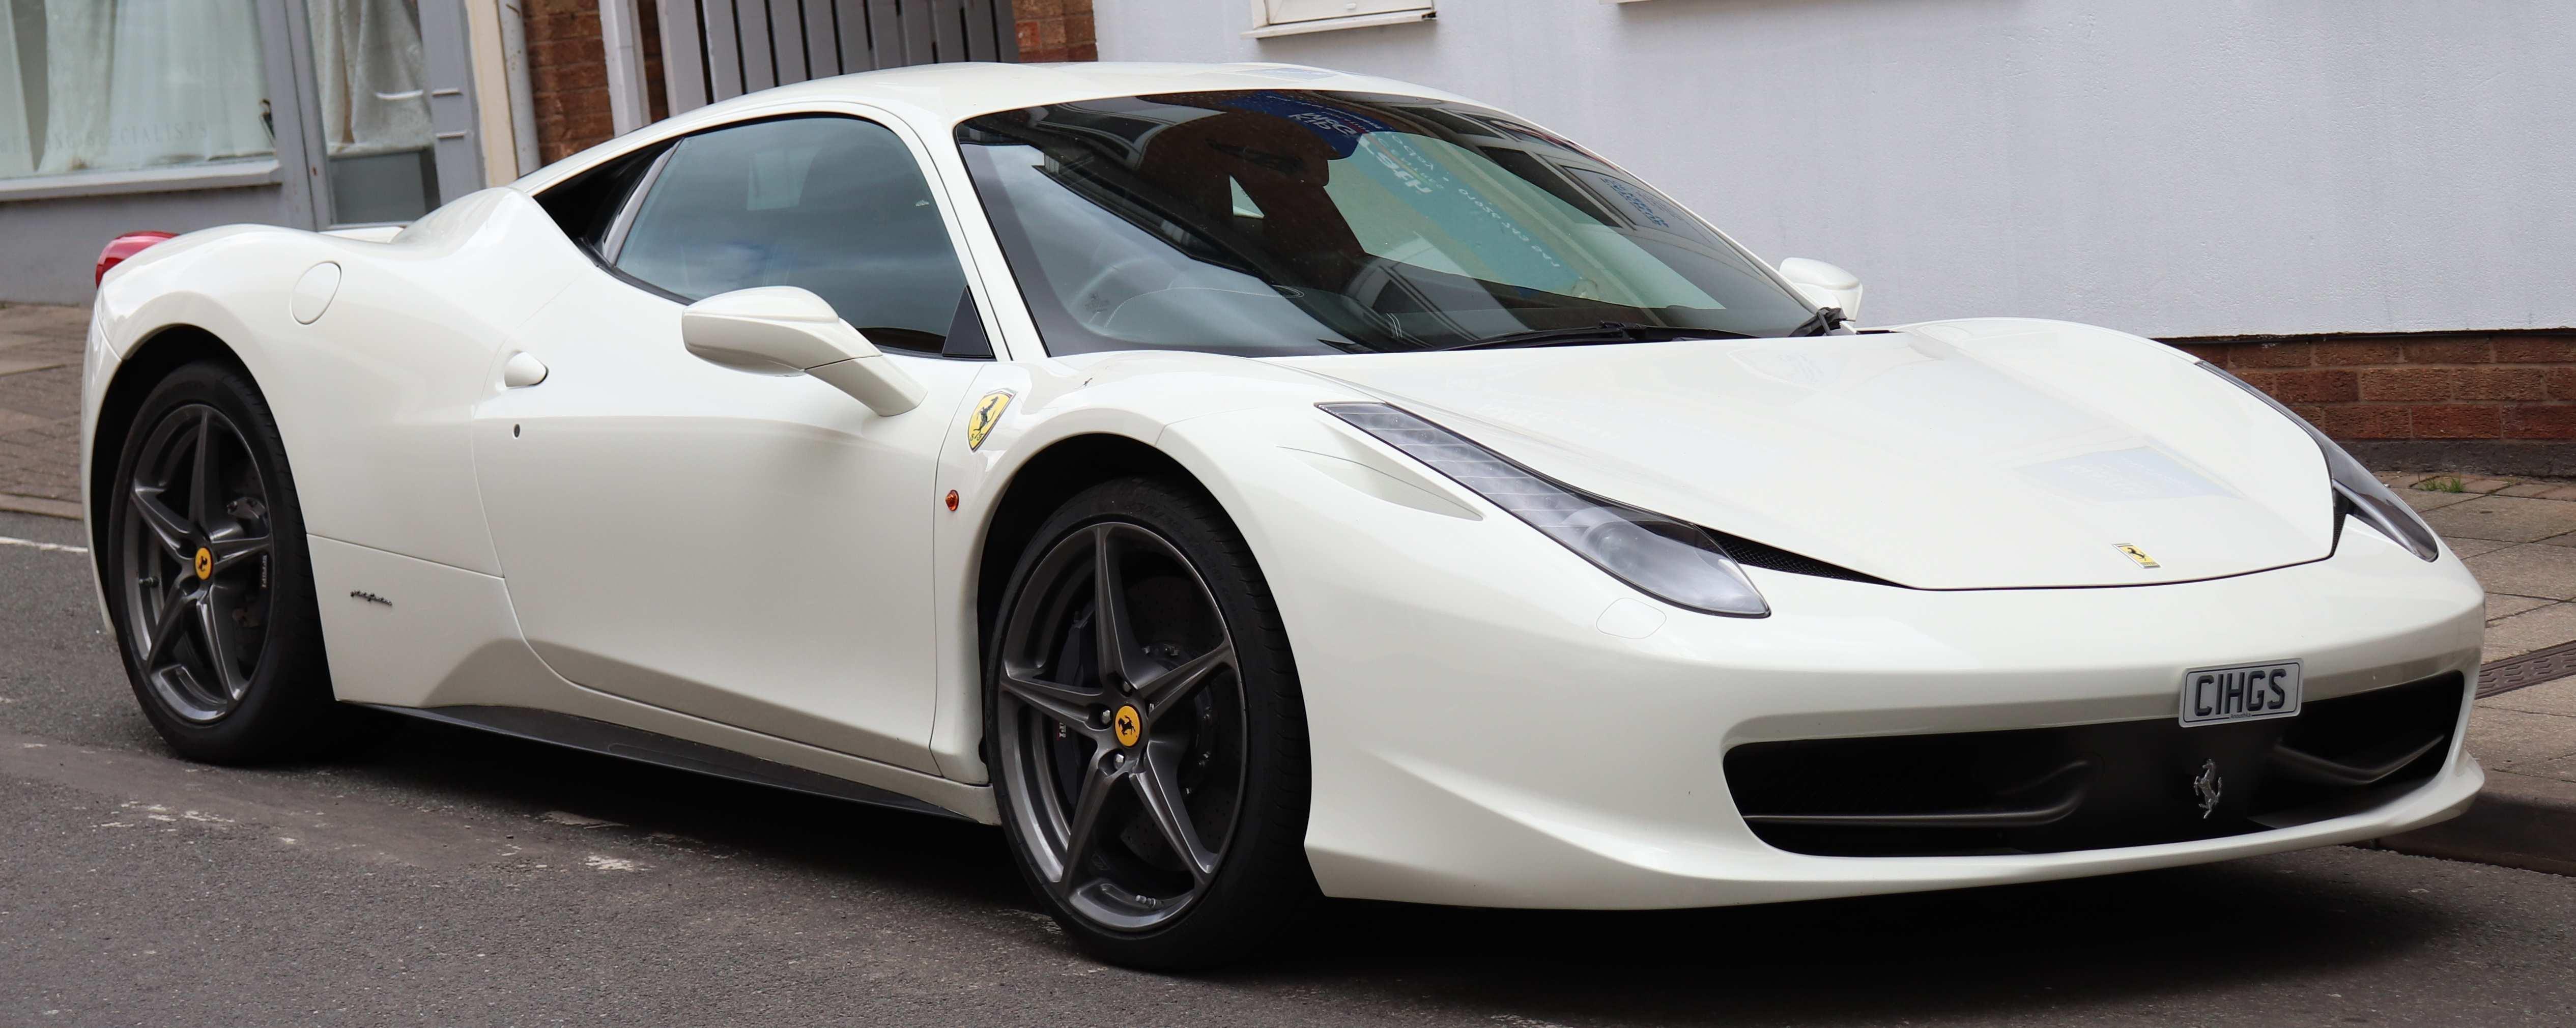 39 All New The 2019 White Ferrari Spesification Exterior for The 2019 White Ferrari Spesification